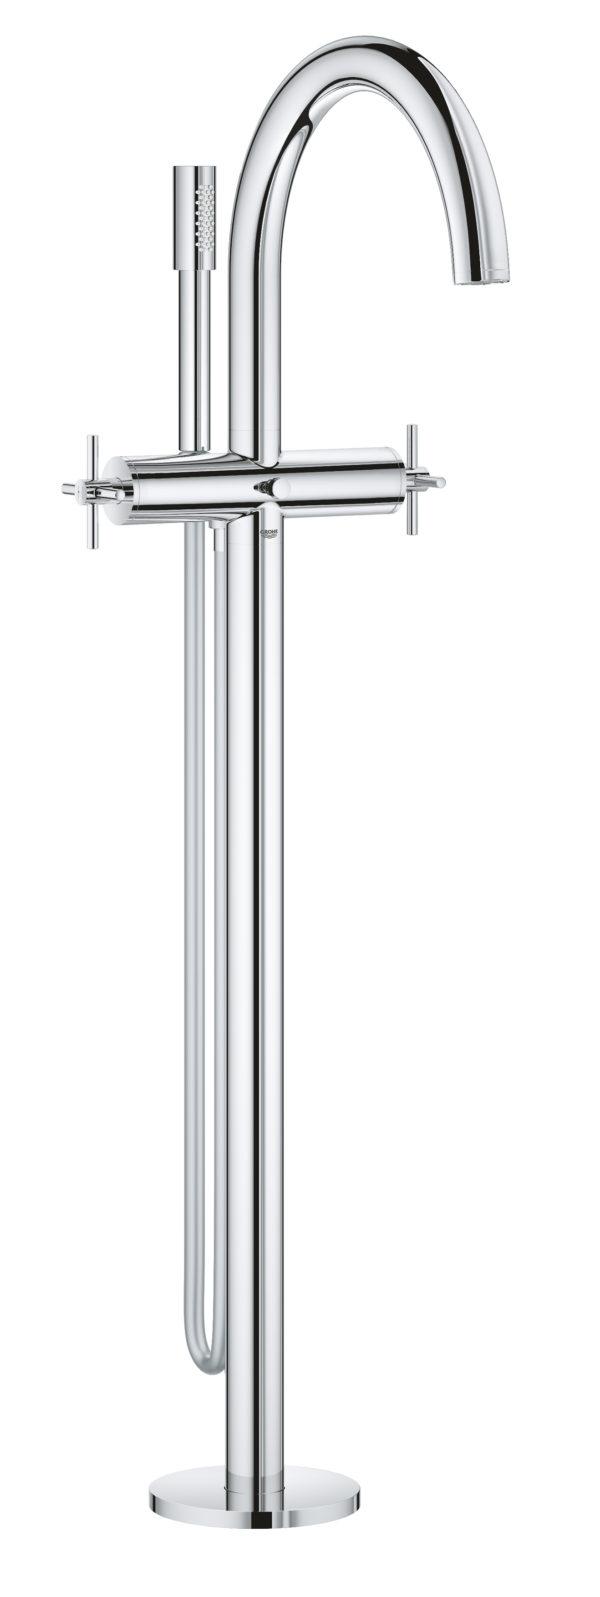 Zdjęcie GROHE Atrio – 2-uchwytowa bateria wannowa do montażu podłogowego z zestawem punktowym chrom 25044003